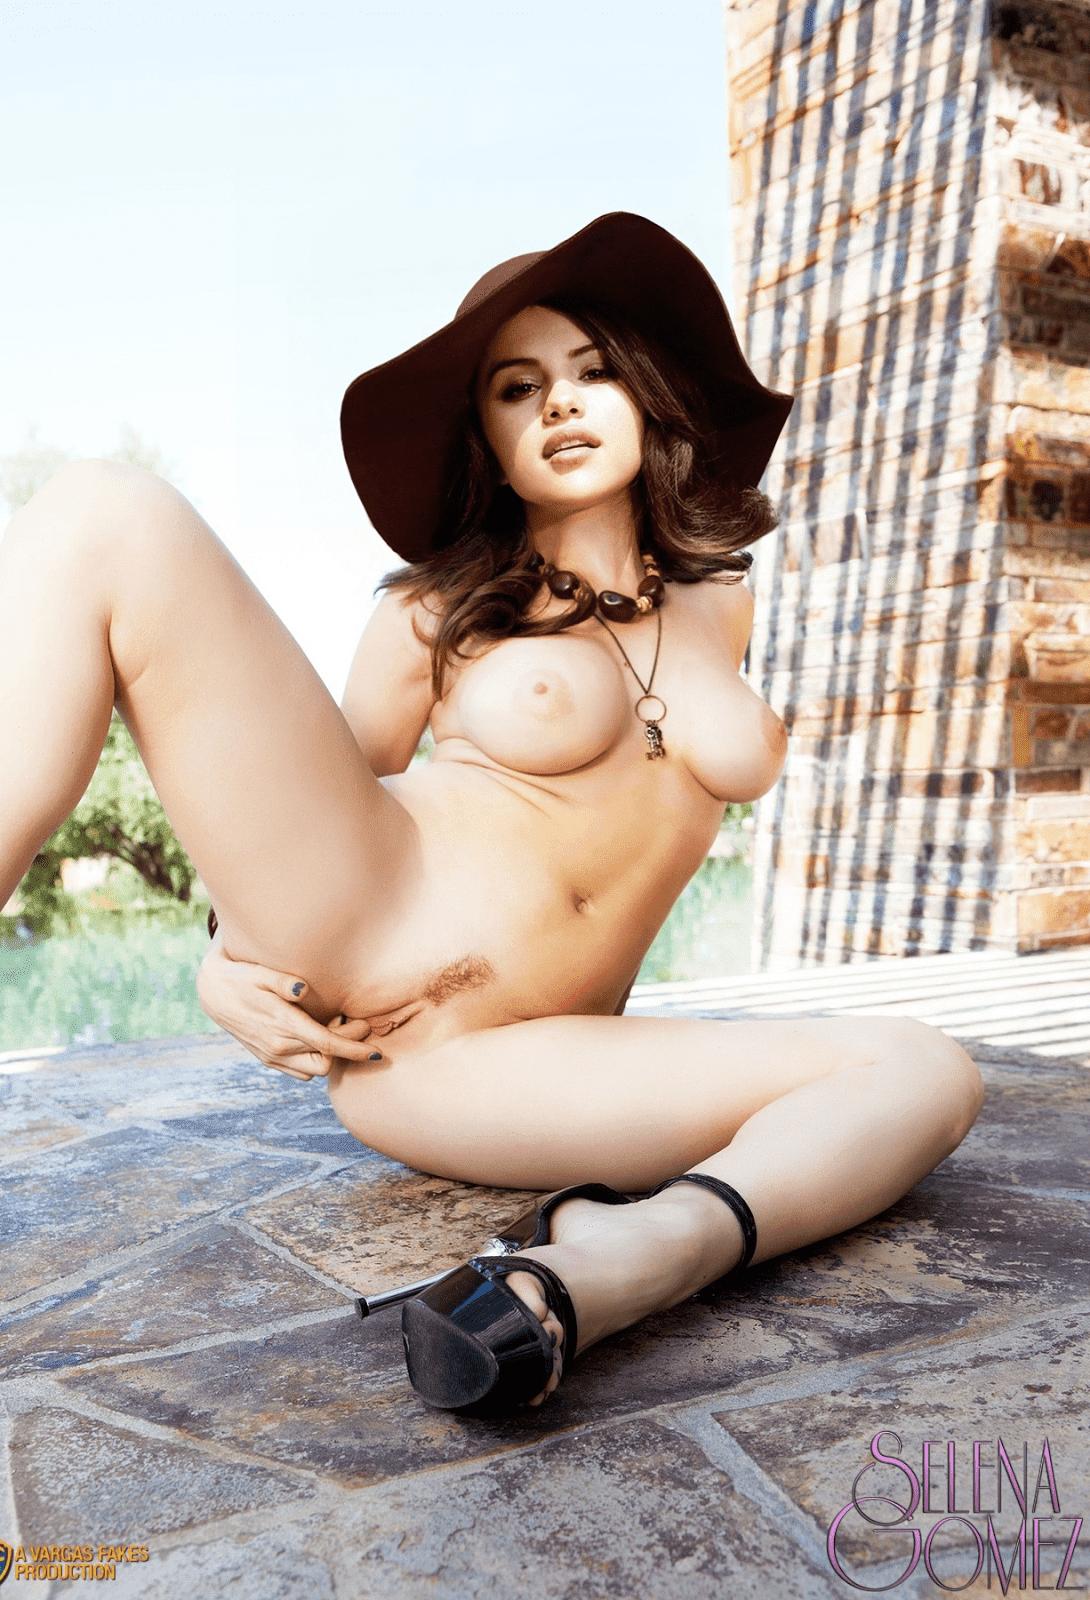 Apologise, Selena gomez shaving pussy